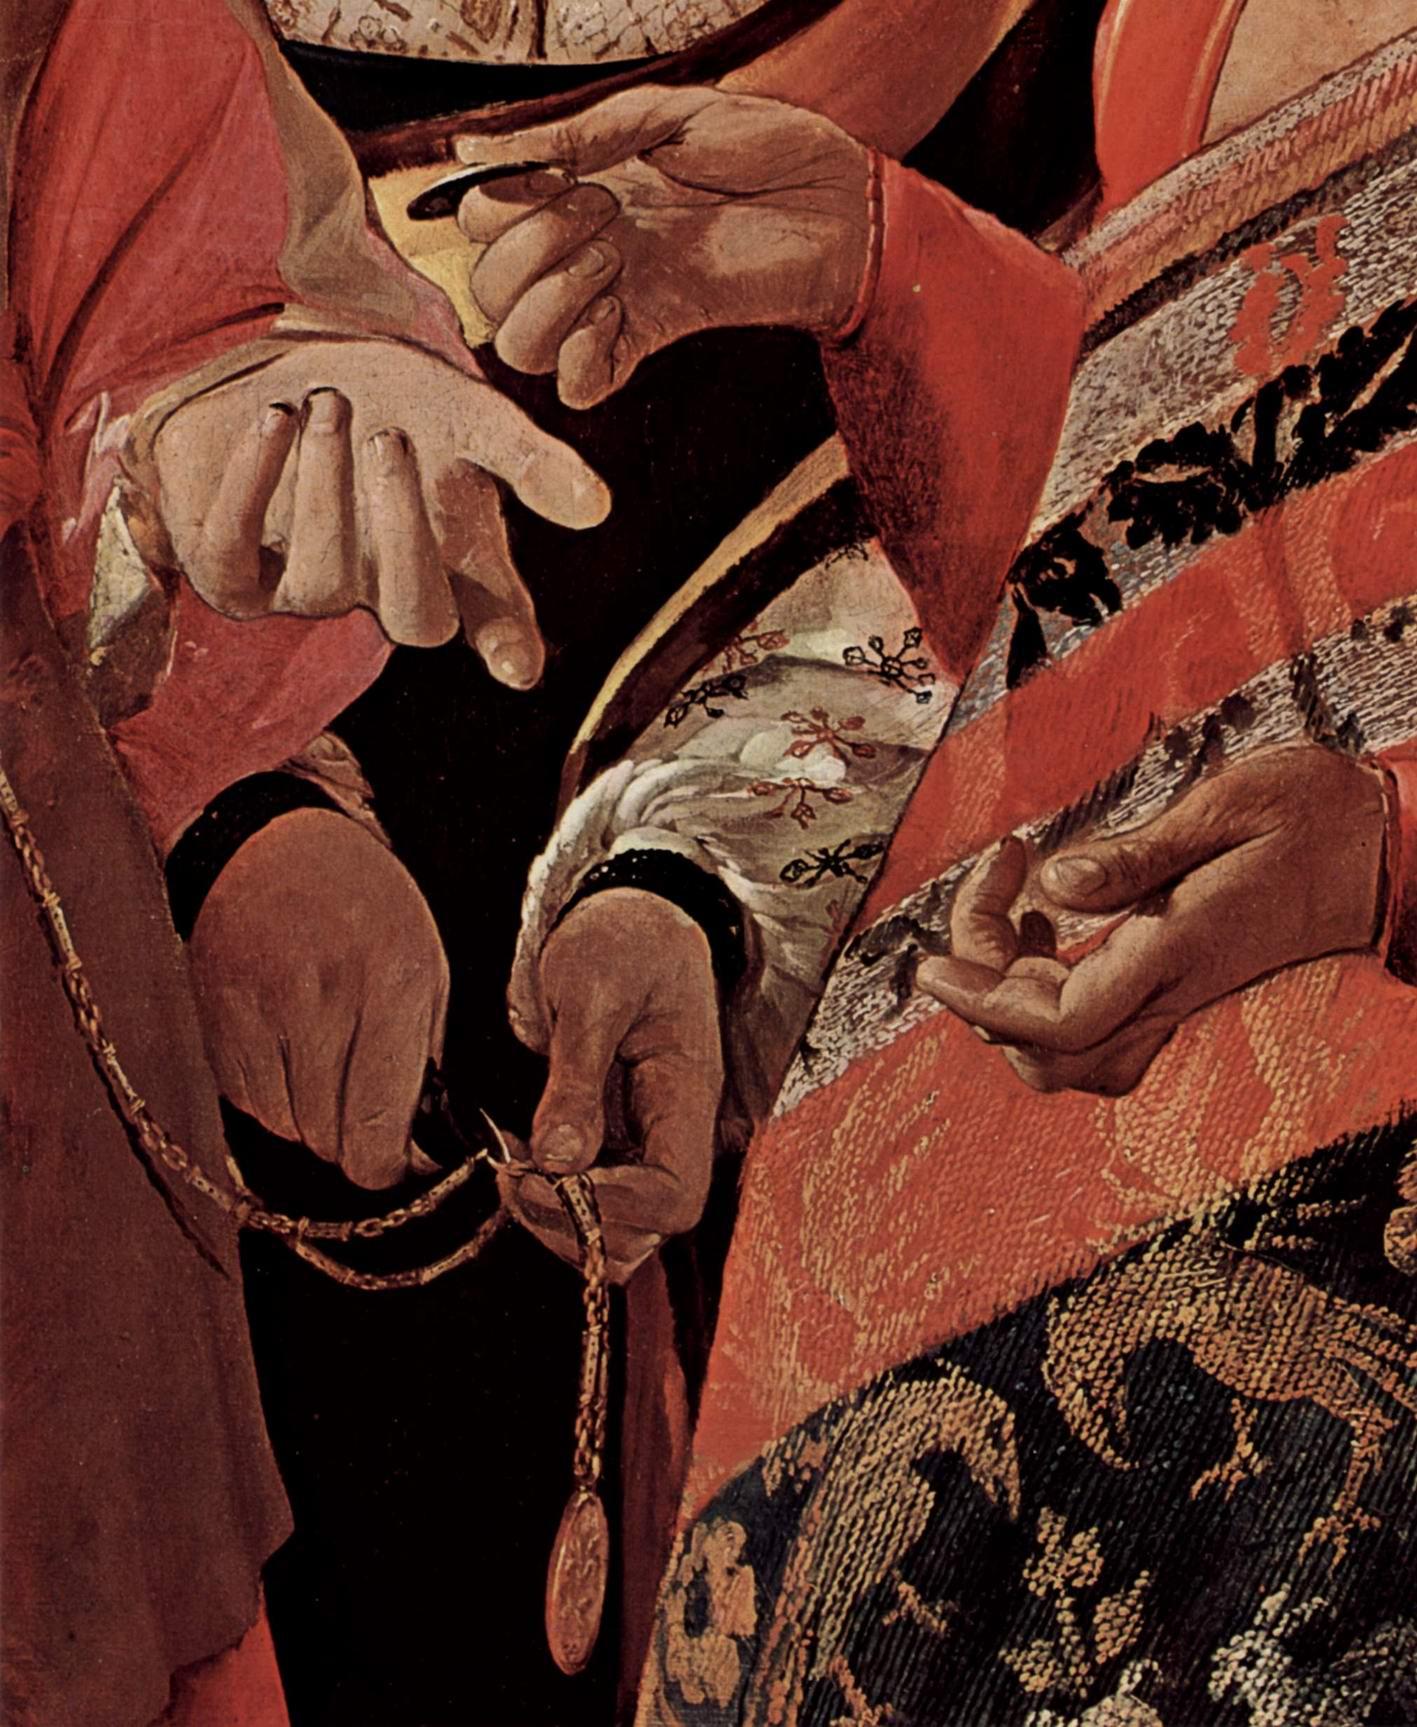 Хорошая судьба (У гадалки). Фрагмент, Жорж Де Ла Тур